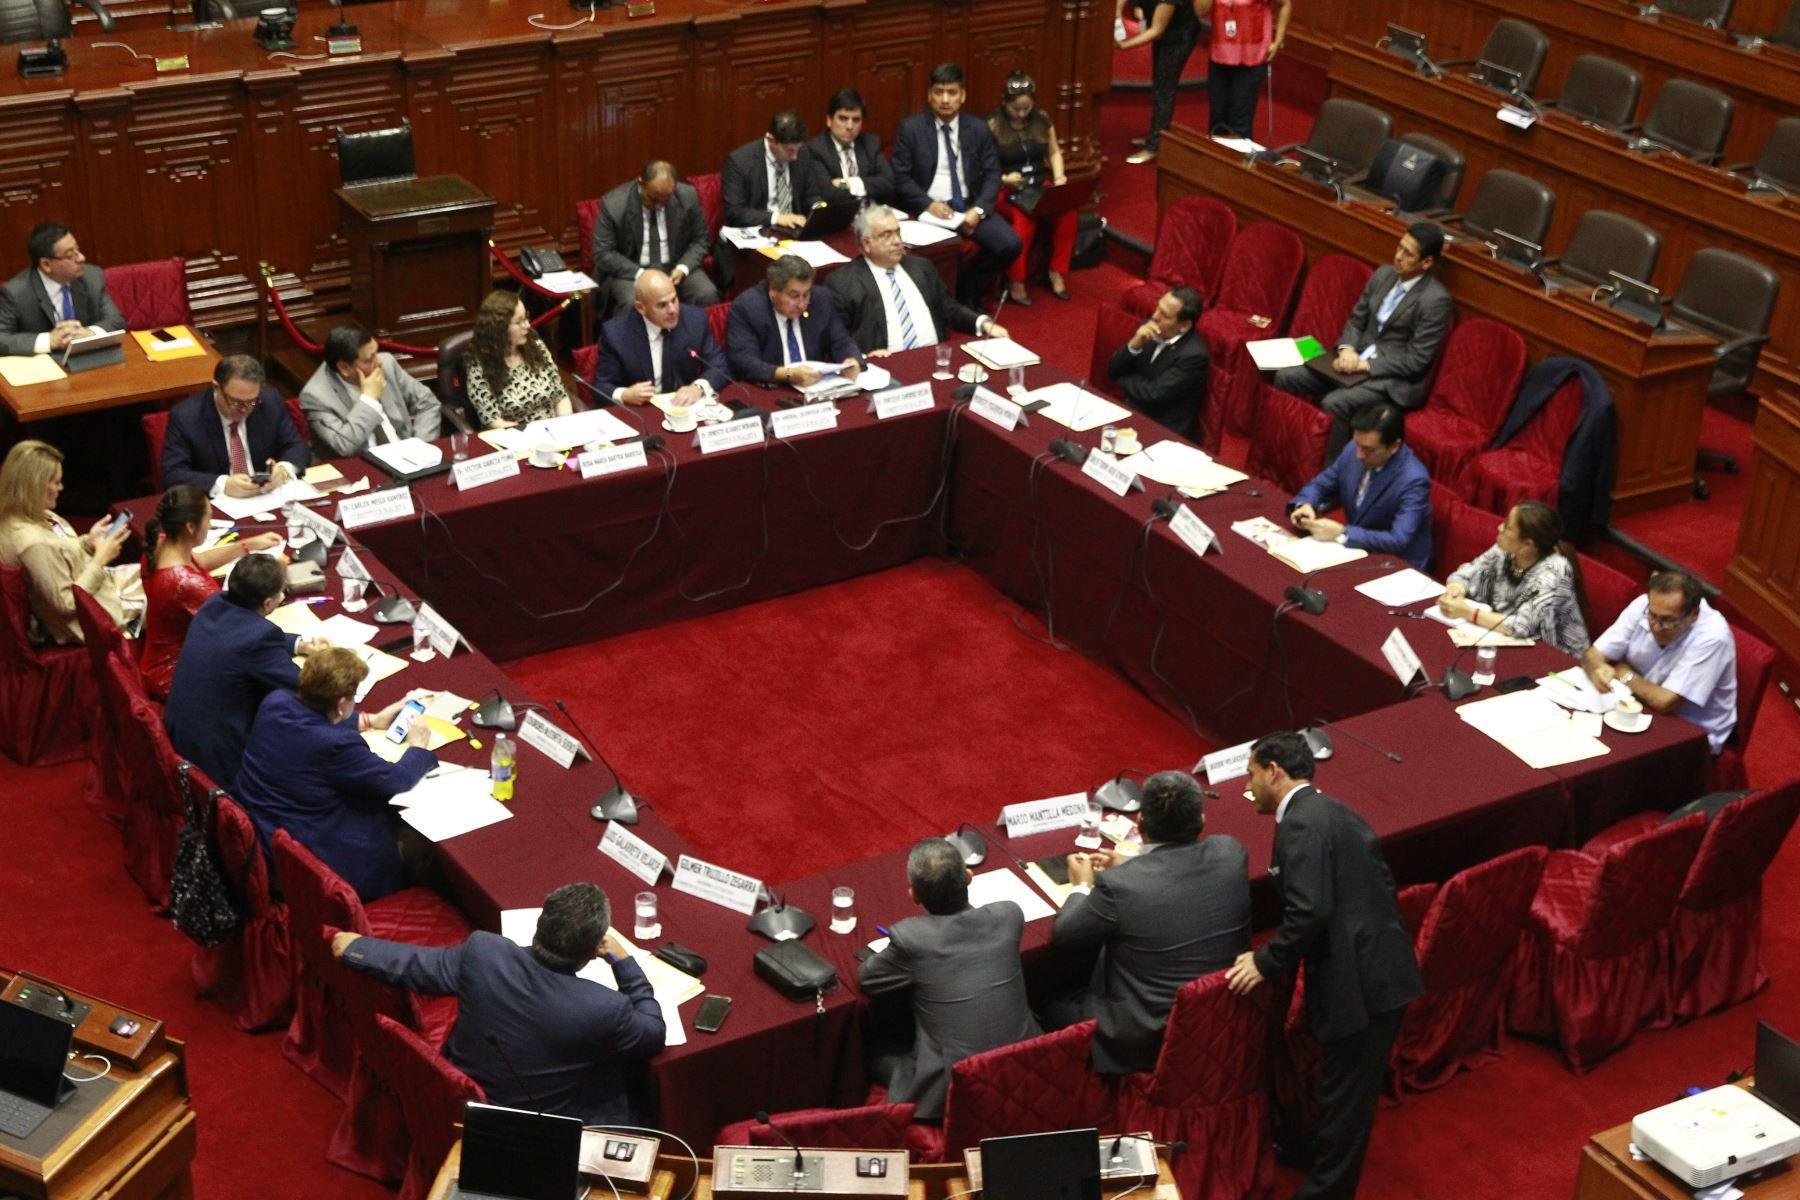 Así votaron los miembros de la Comisión de Constitución la cuestión de confianza